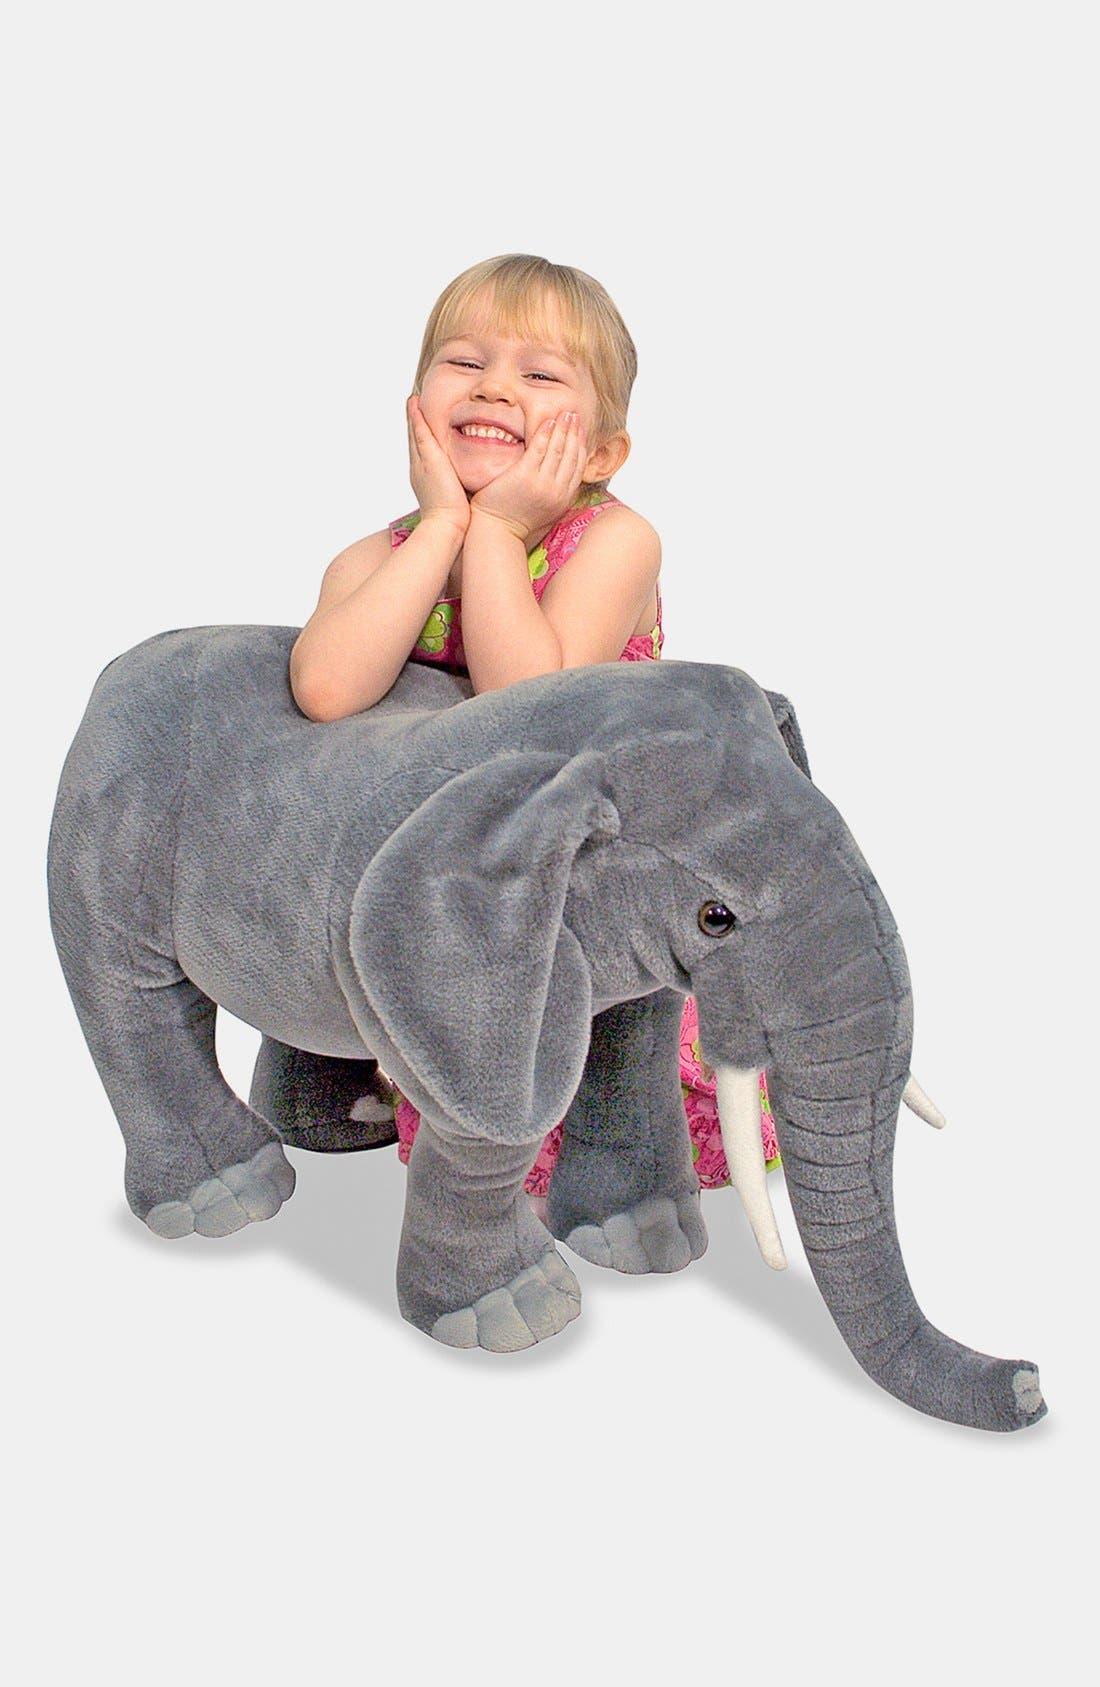 Alternate Image 1 Selected - Melissa & Doug Oversized Elephant